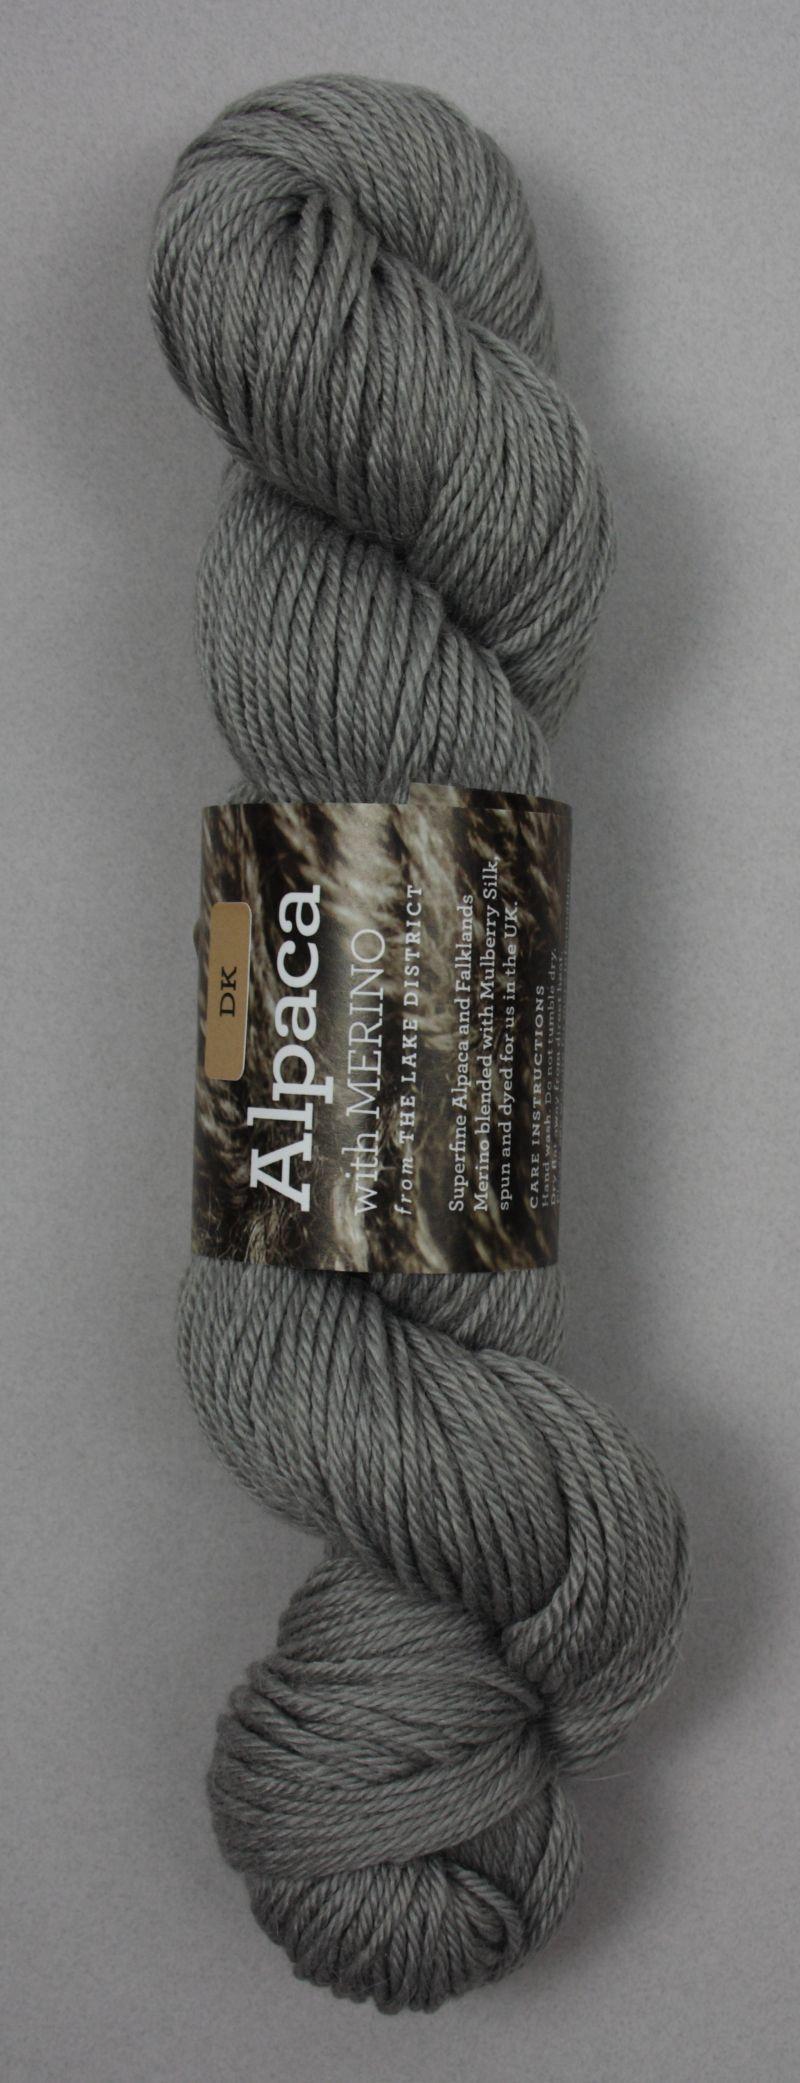 Alpaca DK Yarn Lilac/grey